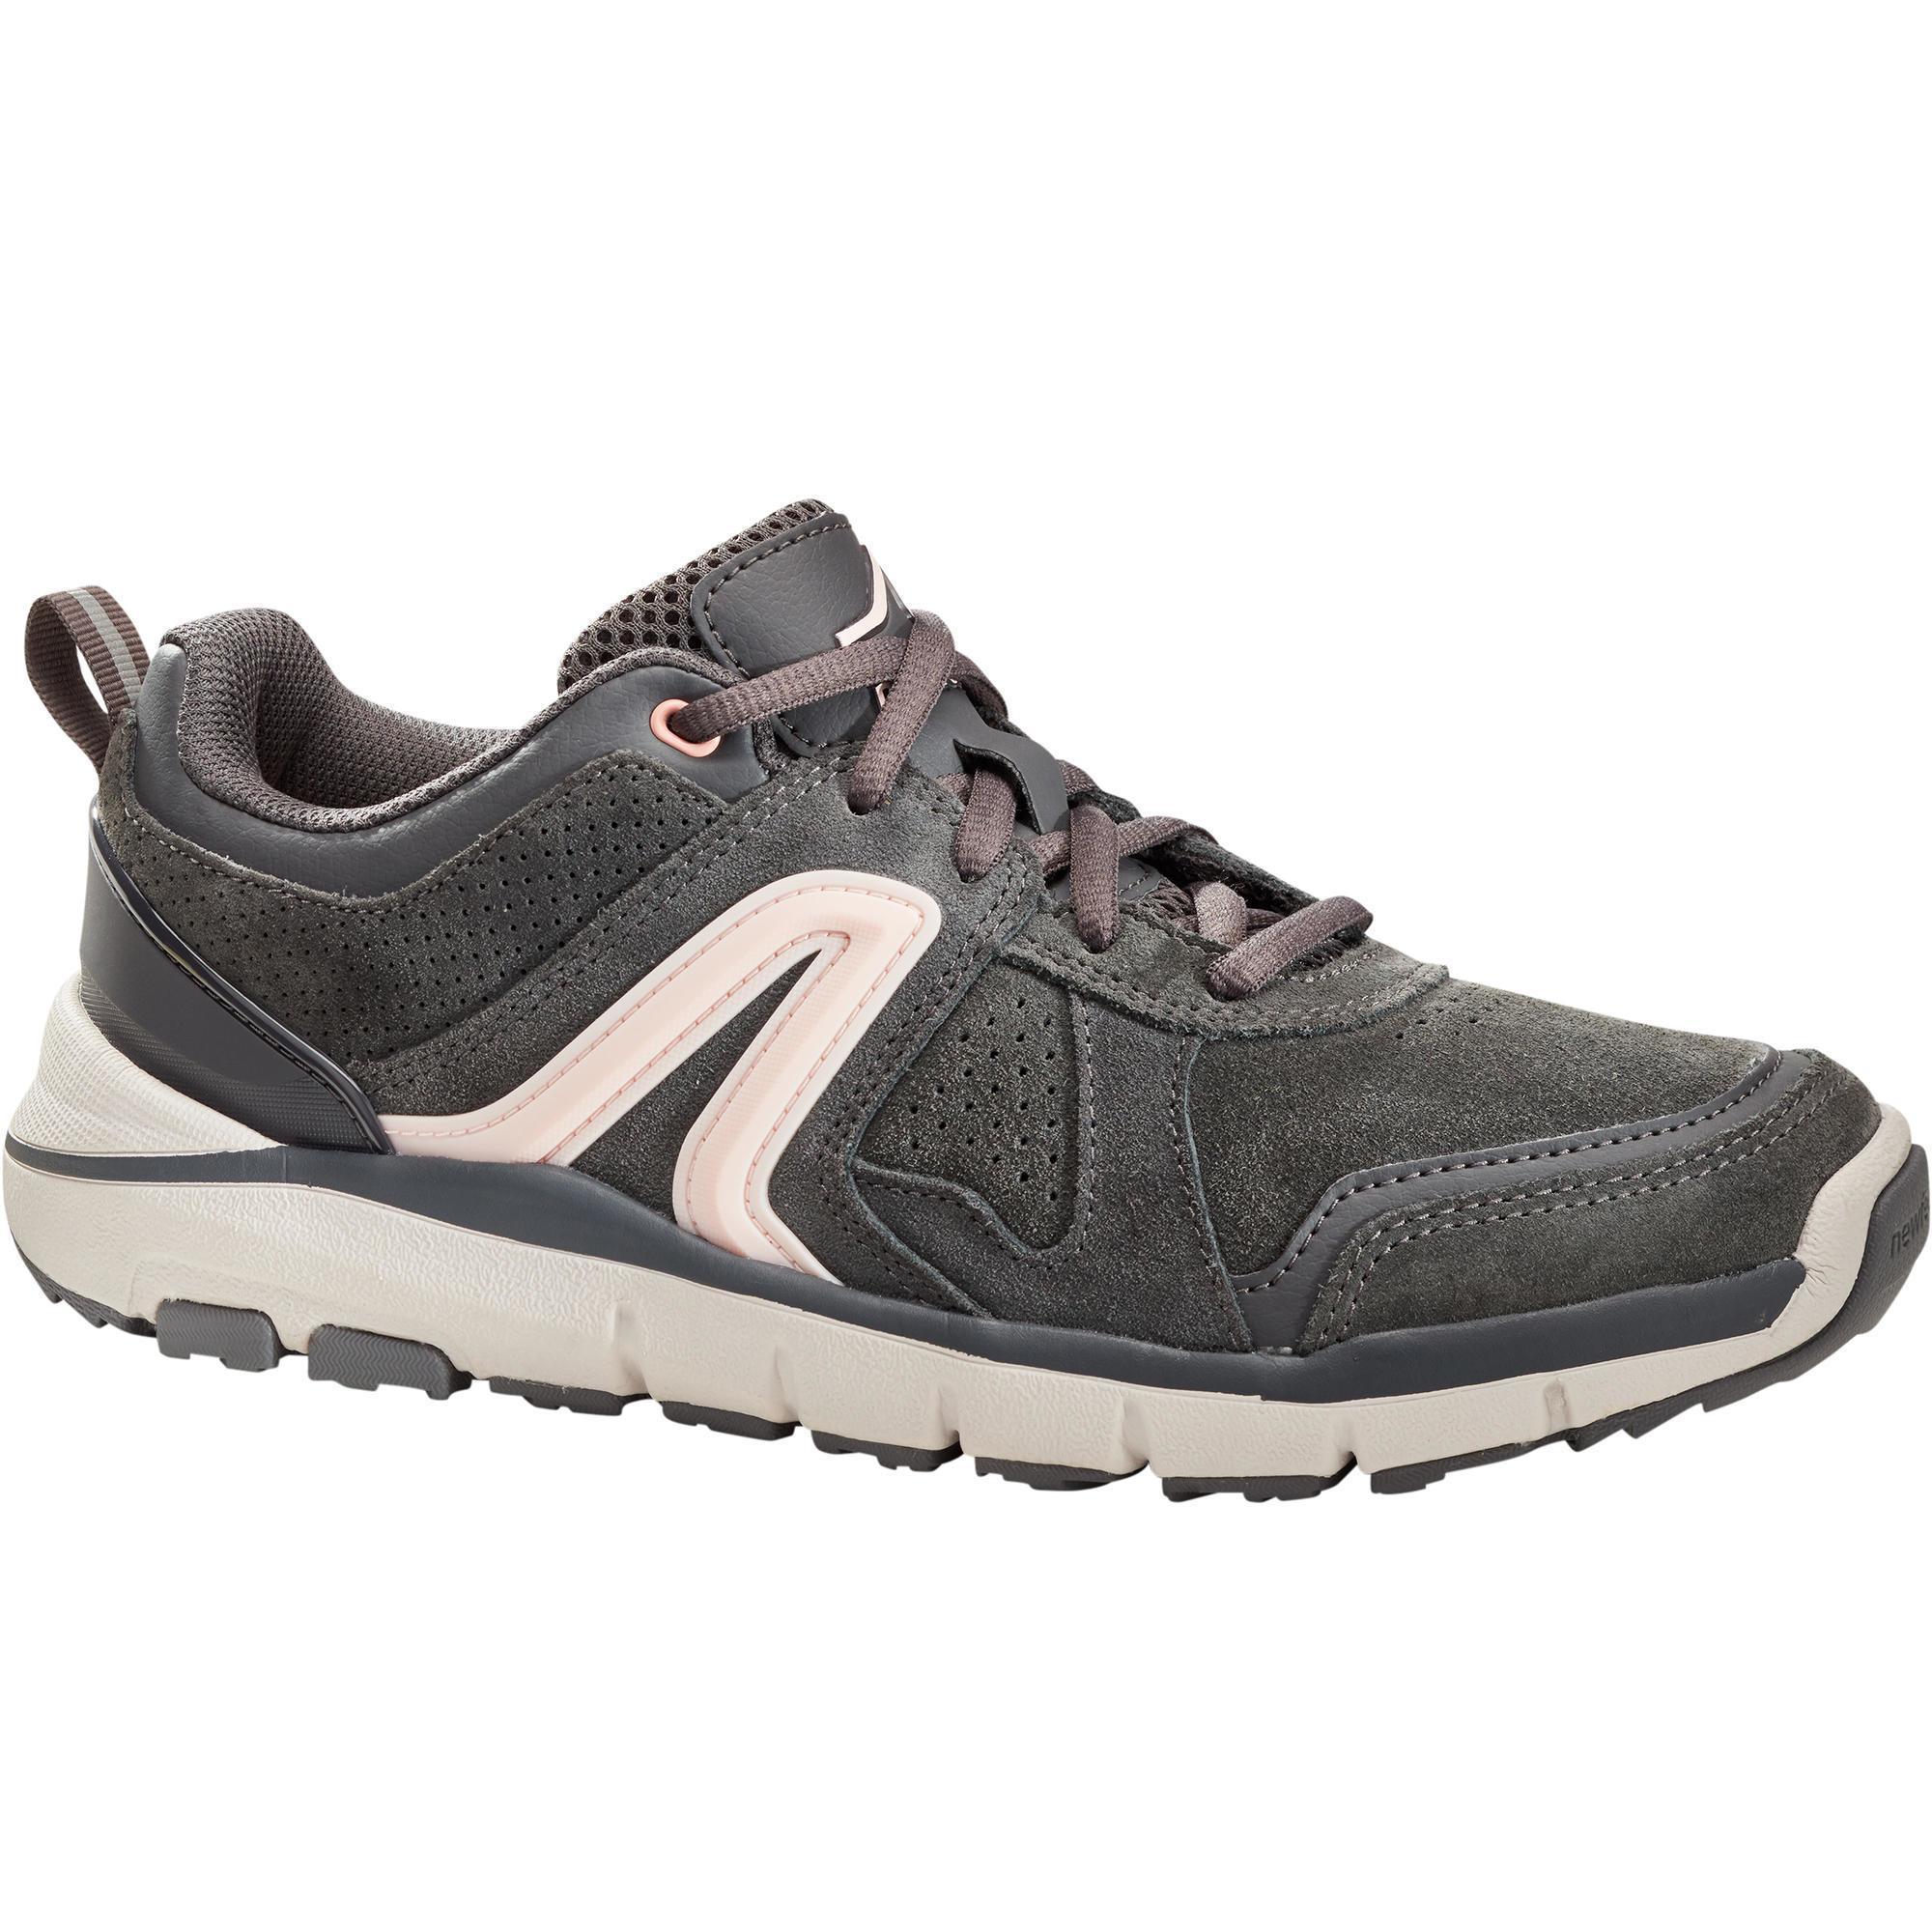 7a794c260 Comprar Zapatillas de Marcha Deportiva para Mujeres